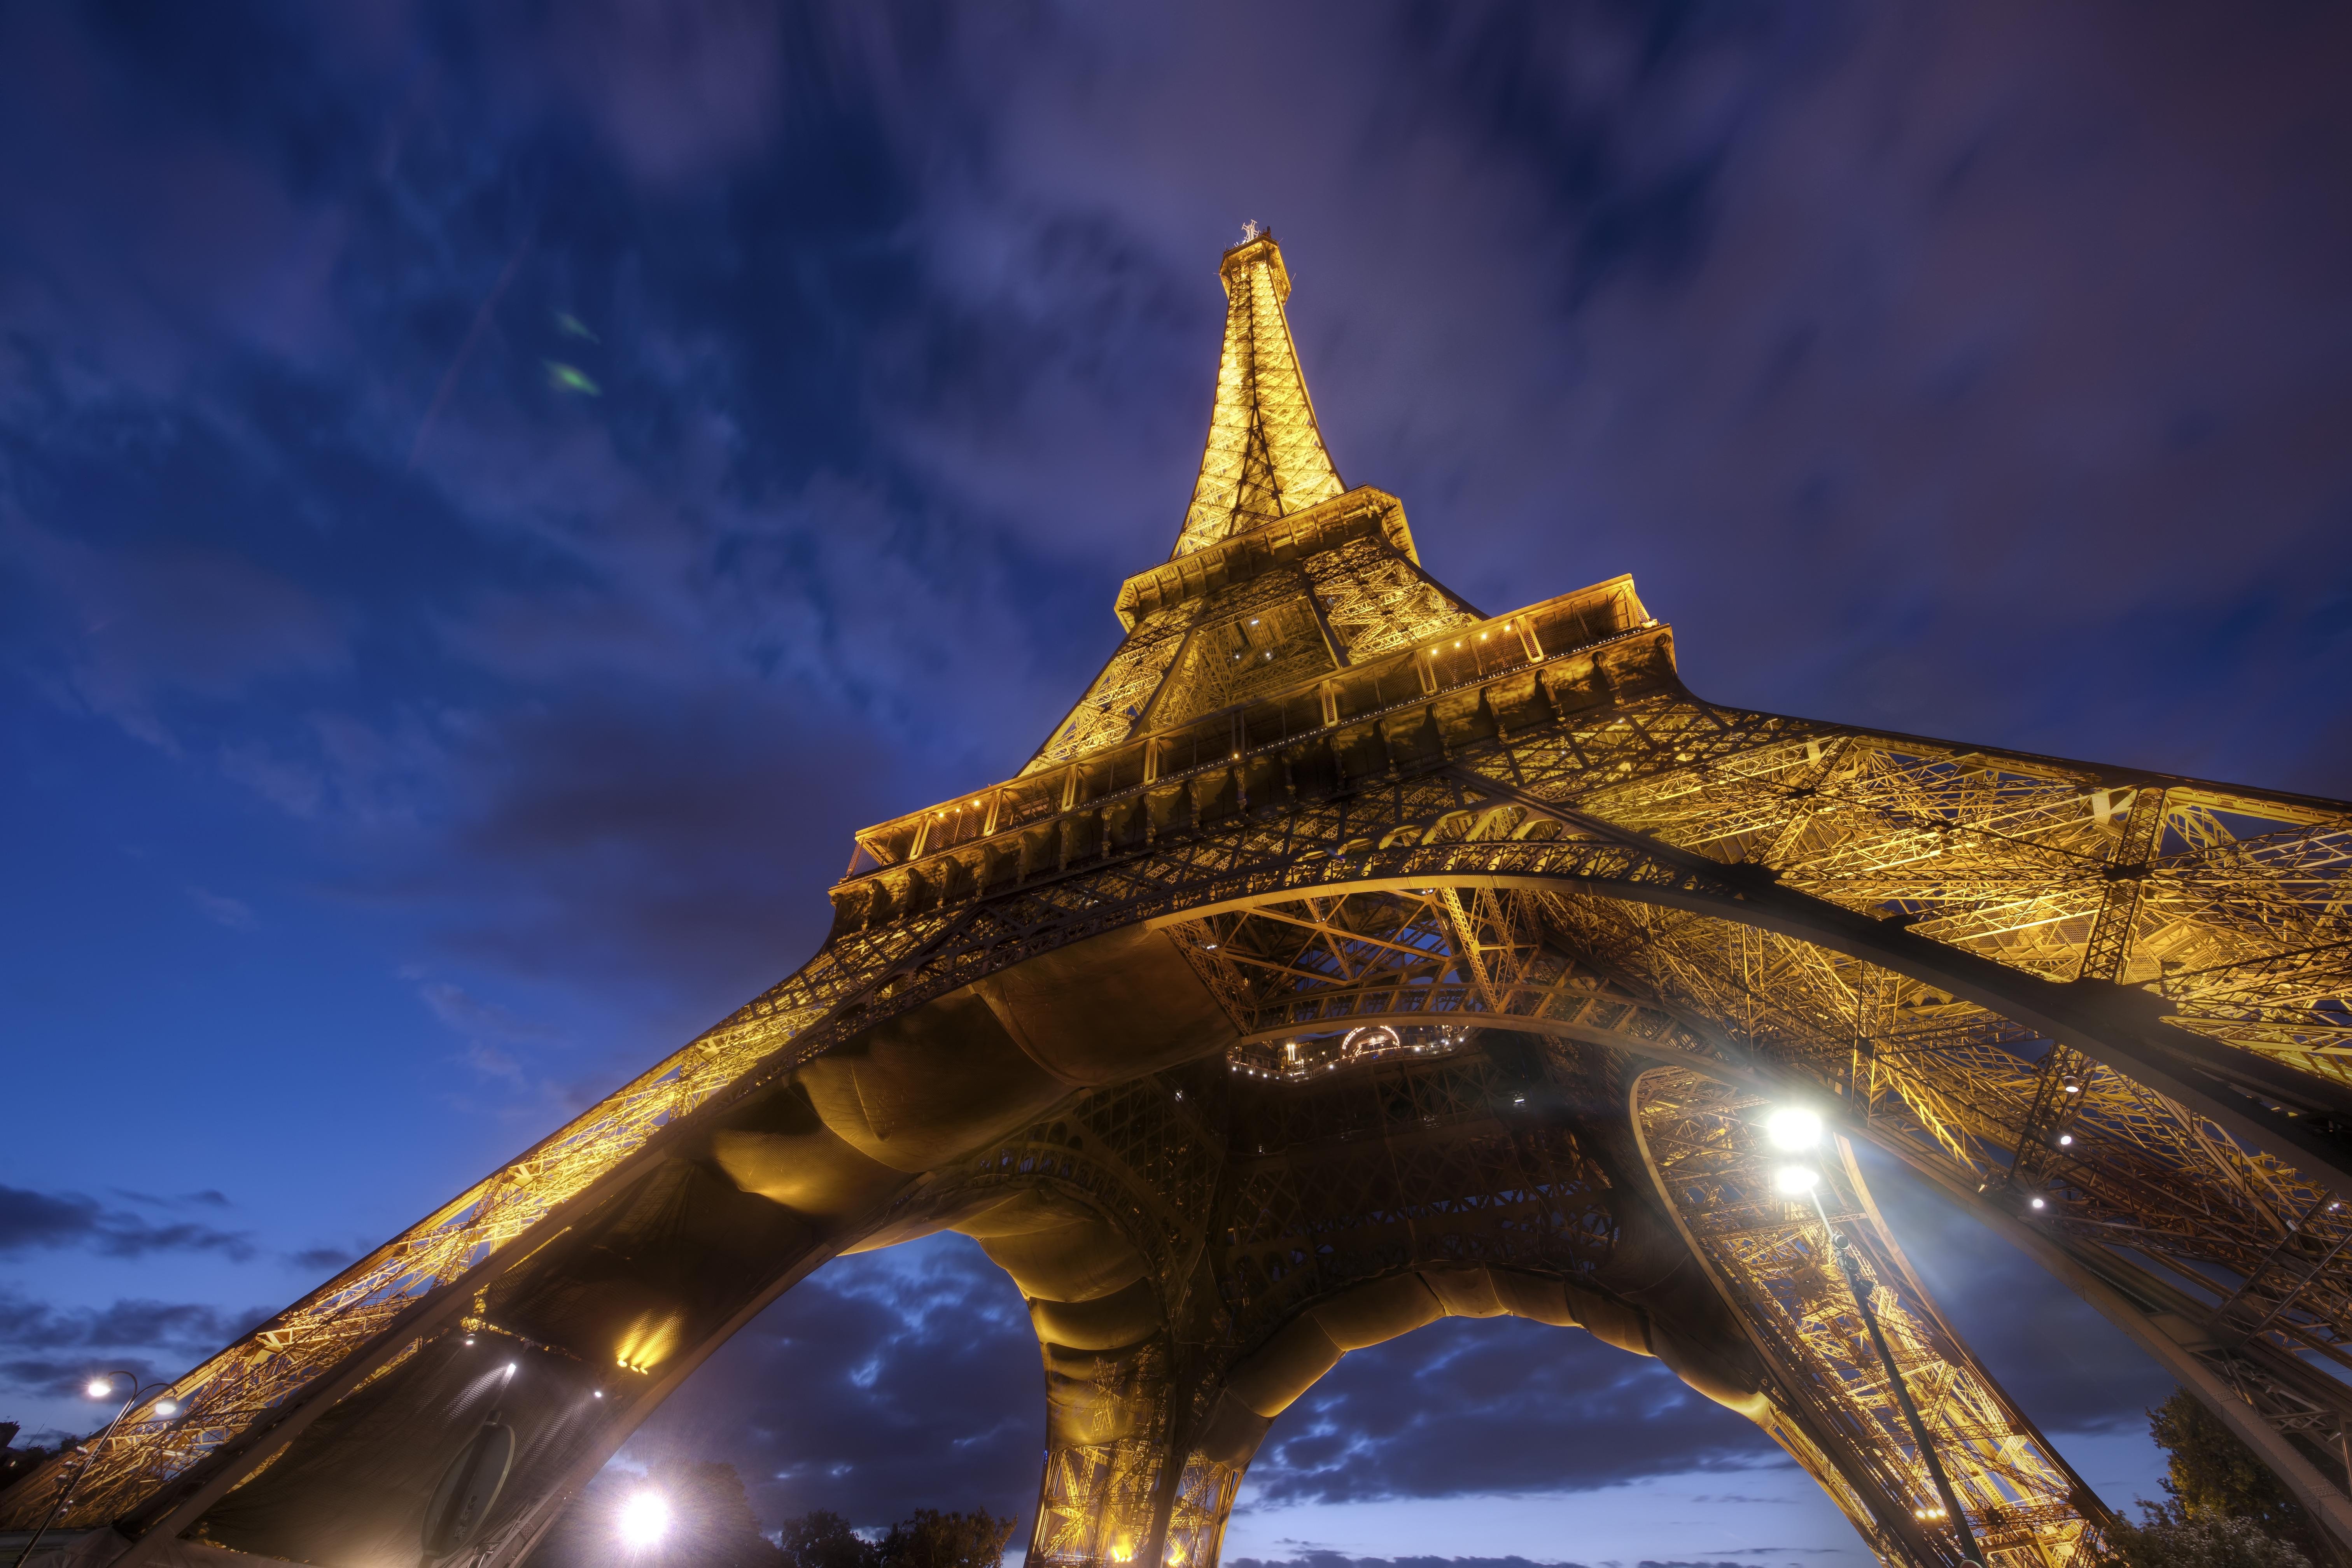 Париж из космоса  № 3715229 без смс